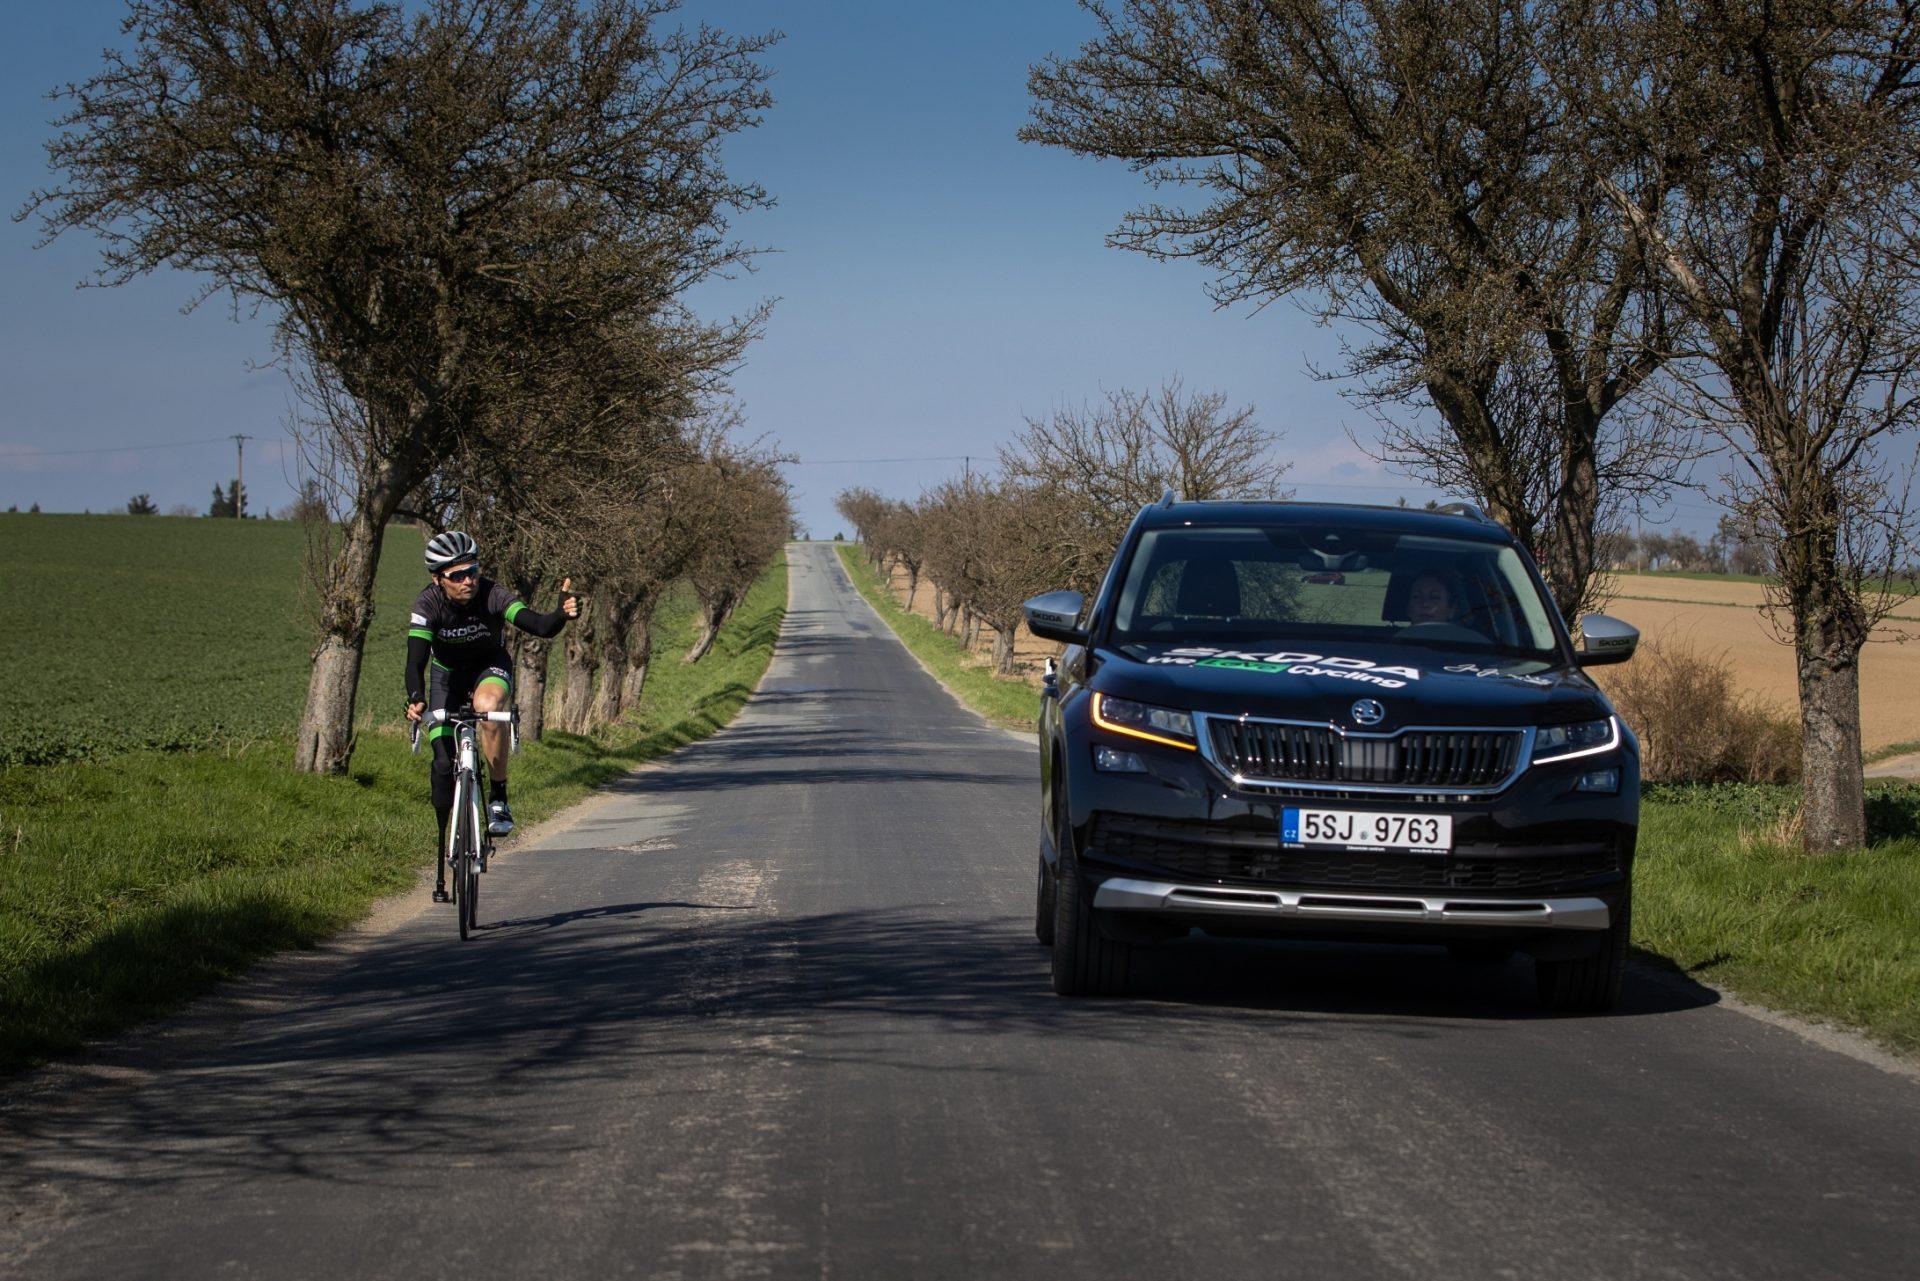 Předjetí cyklisty ve vzdálenosti 1,5 metru? Jde hlavně o vzájemný respekt.